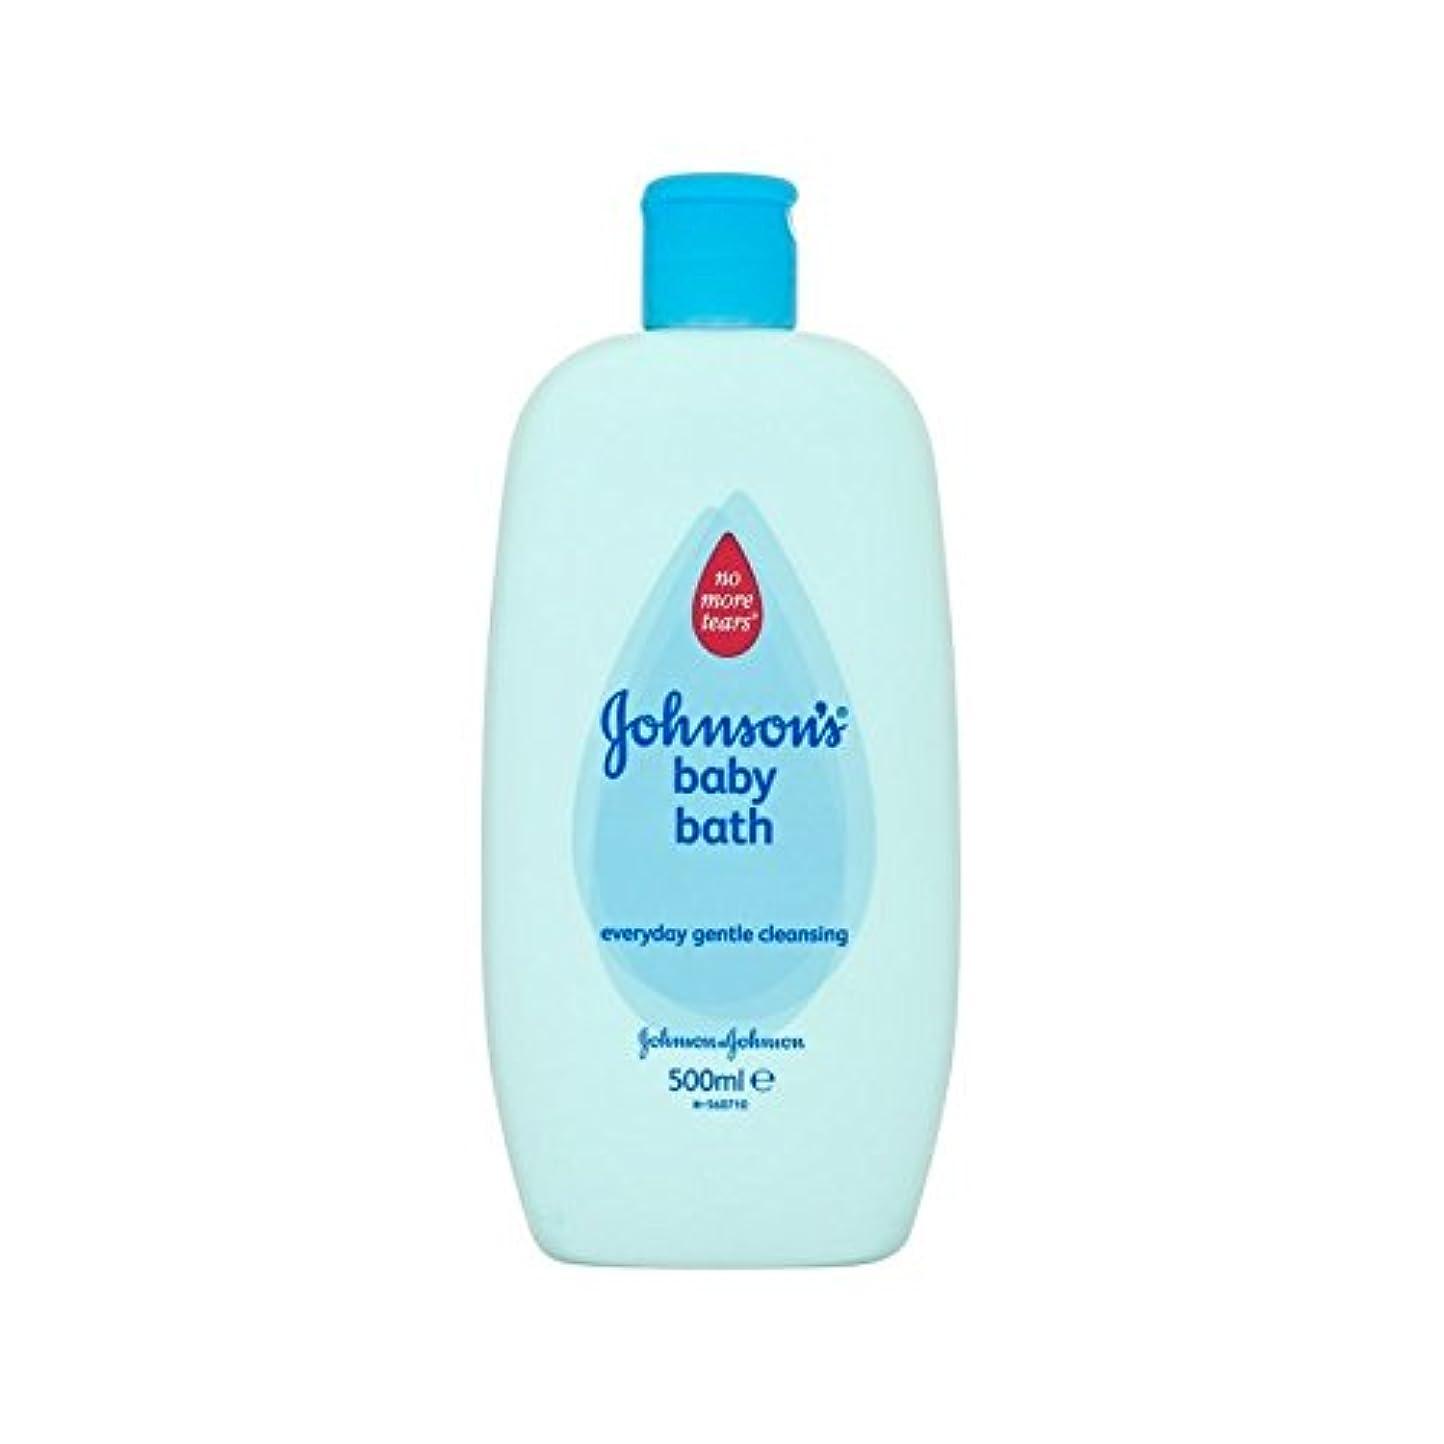 約束するエンドテーブル確実バス500ミリリットル (Johnson's Baby) (x 6) - Johnson's Baby Bath 500ml (Pack of 6) [並行輸入品]